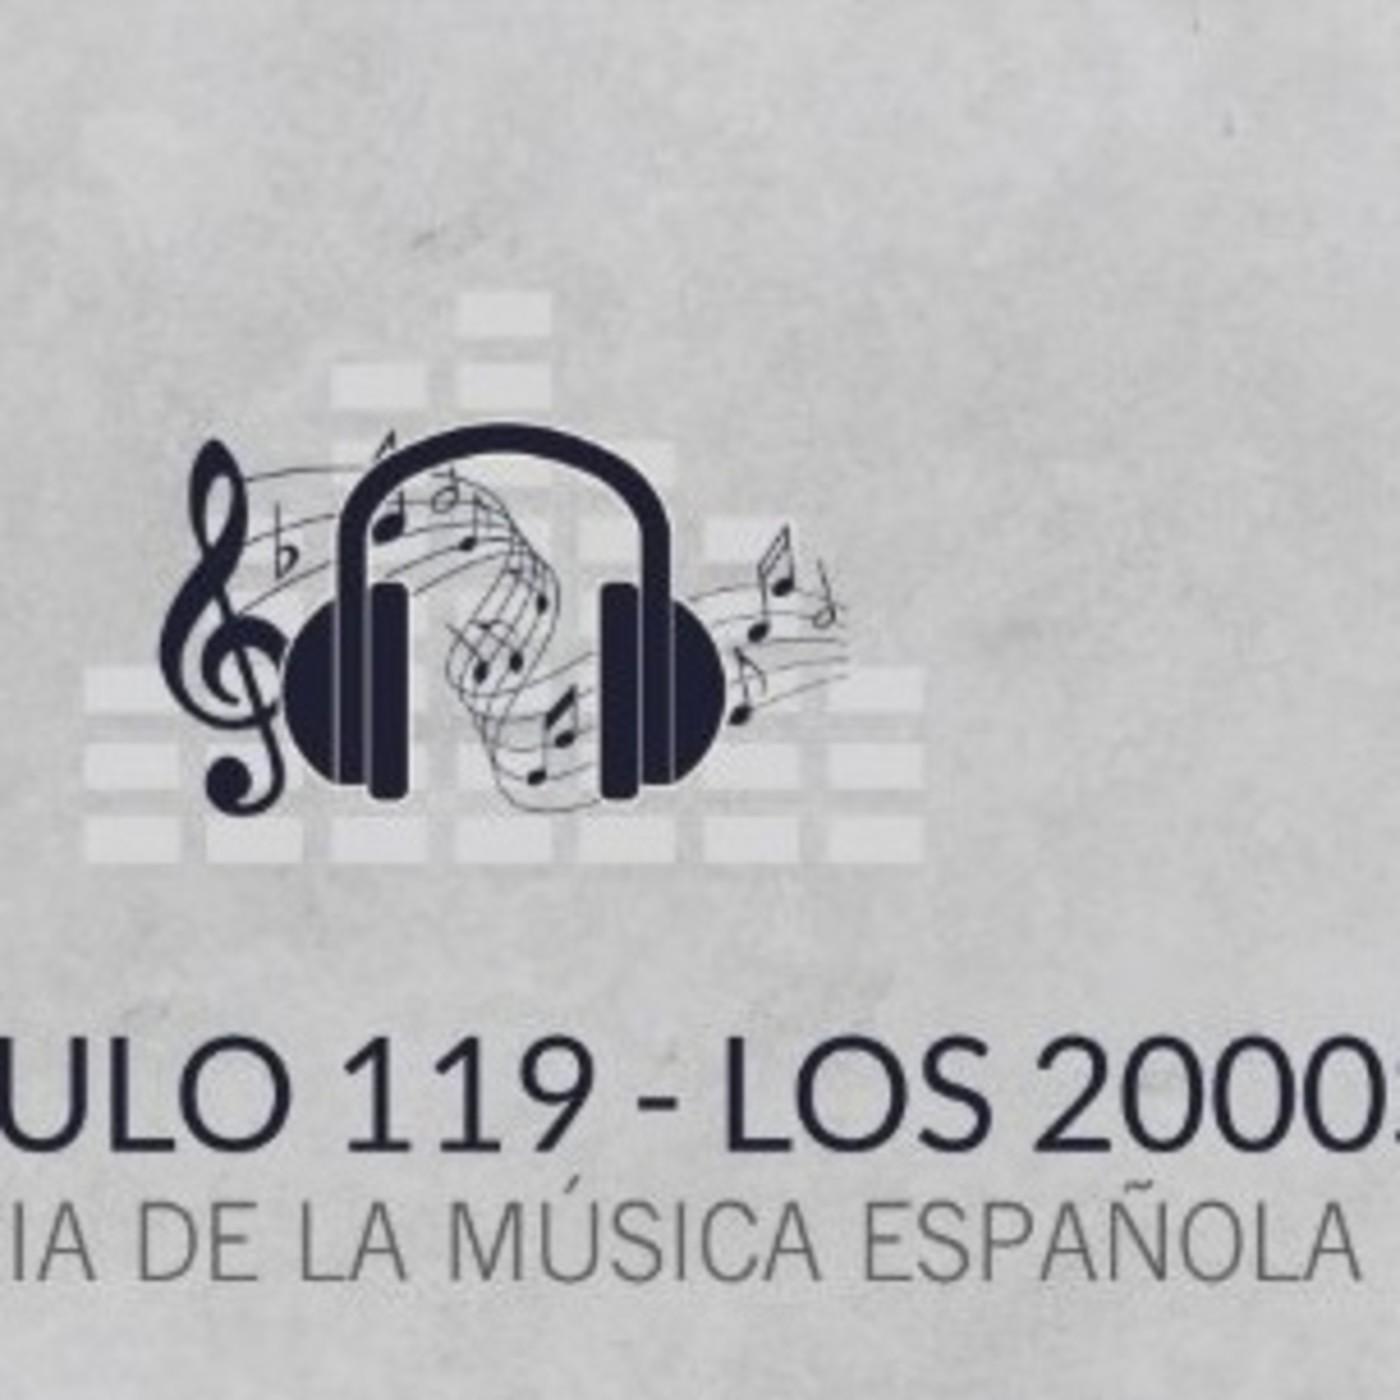 Programa 119 de Historia de la Música Española (Especial 2000s)